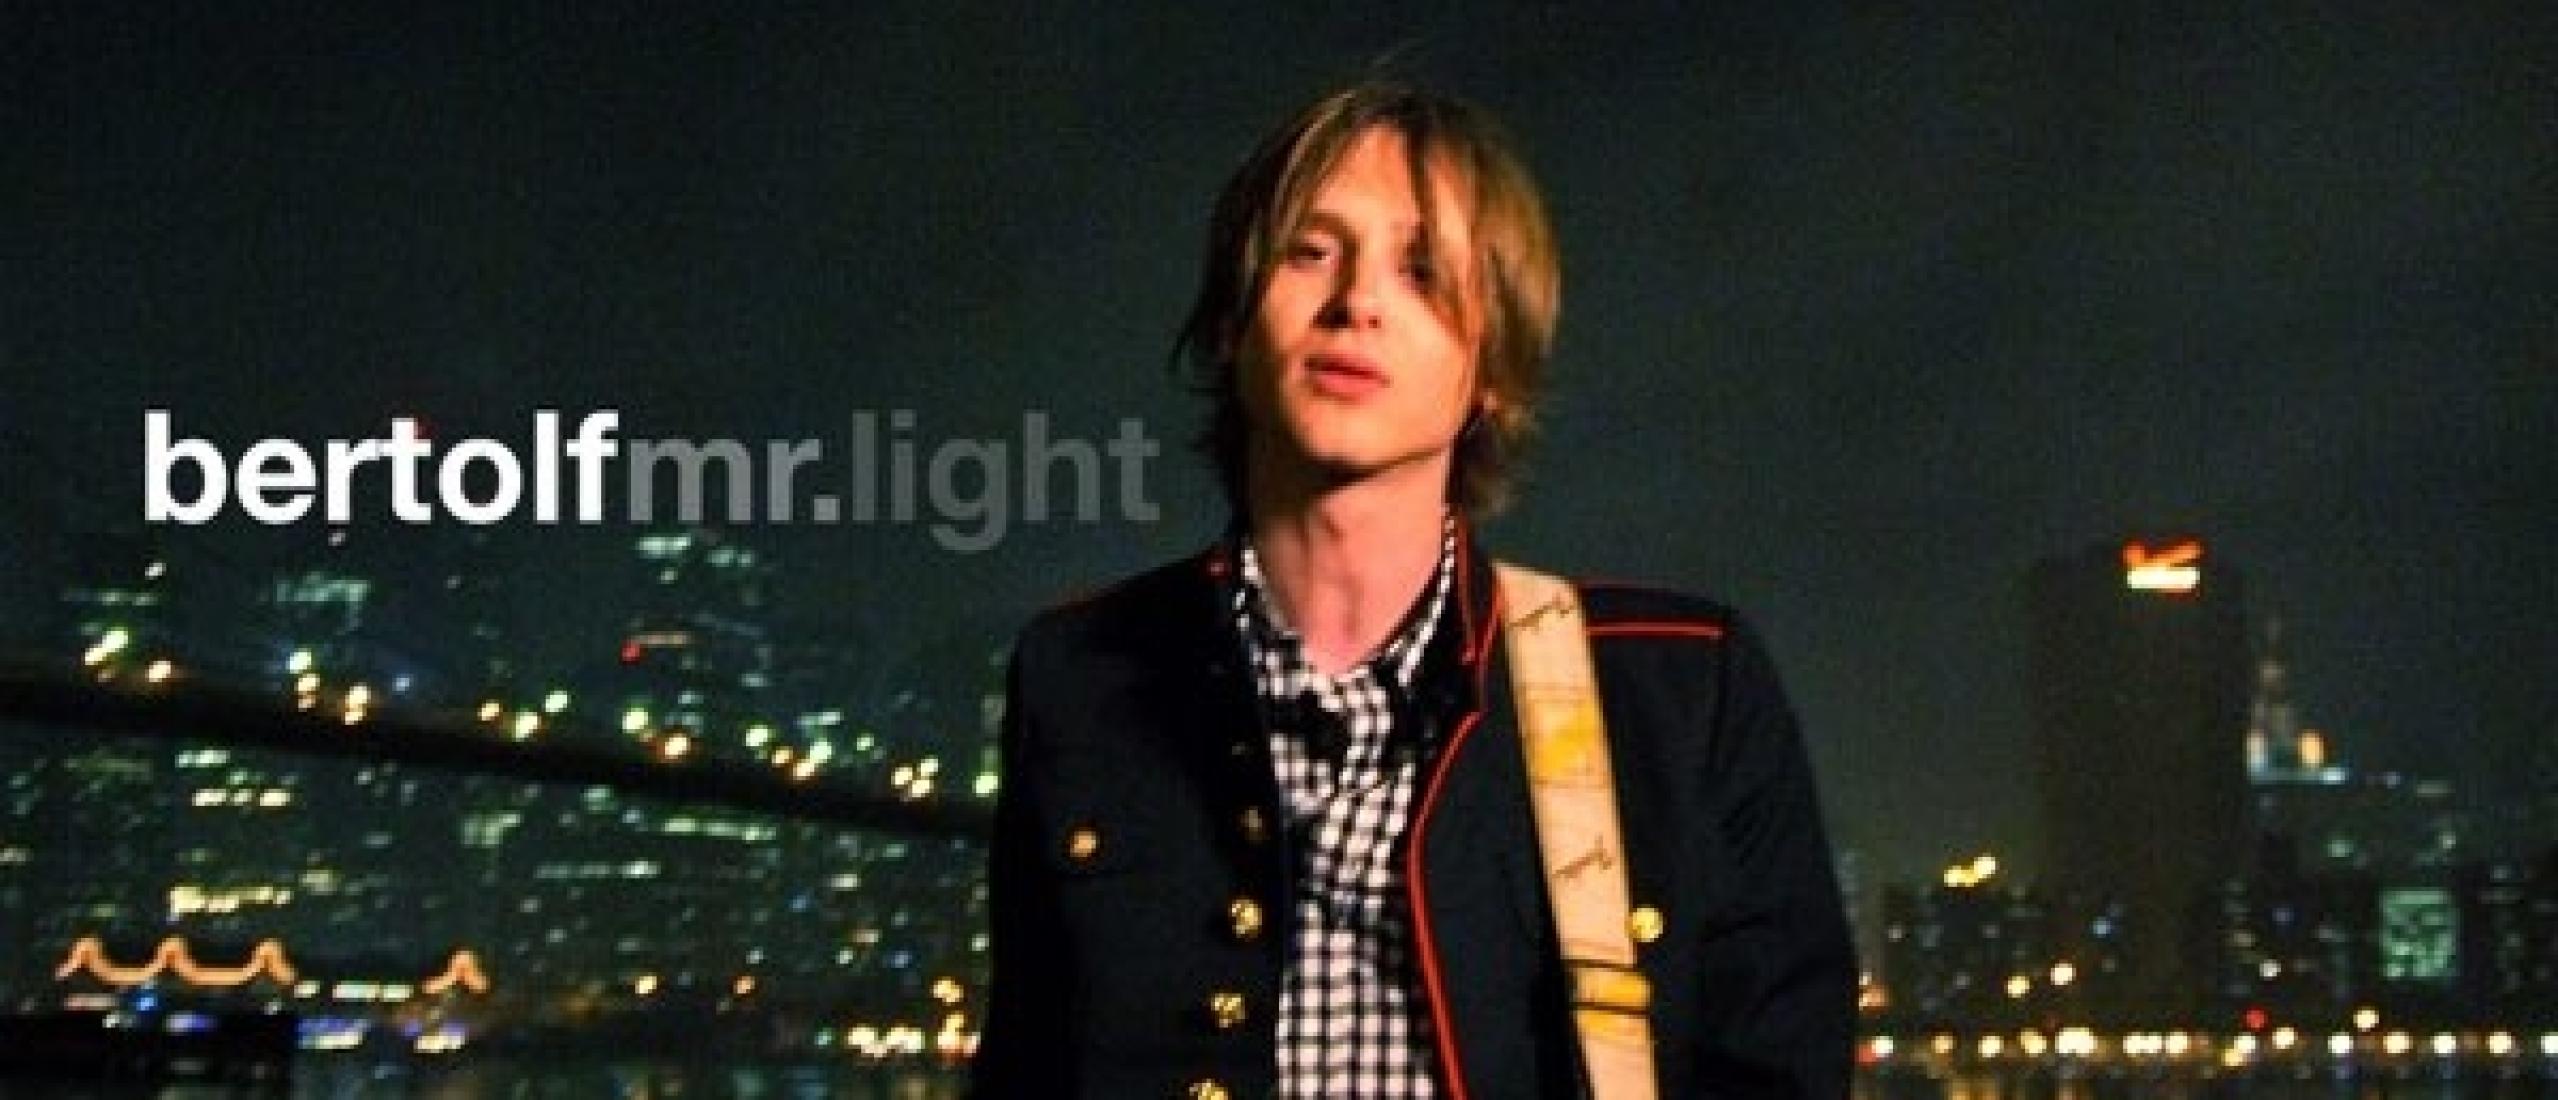 Forgotten Song Friday Bertolf met Mr. Light